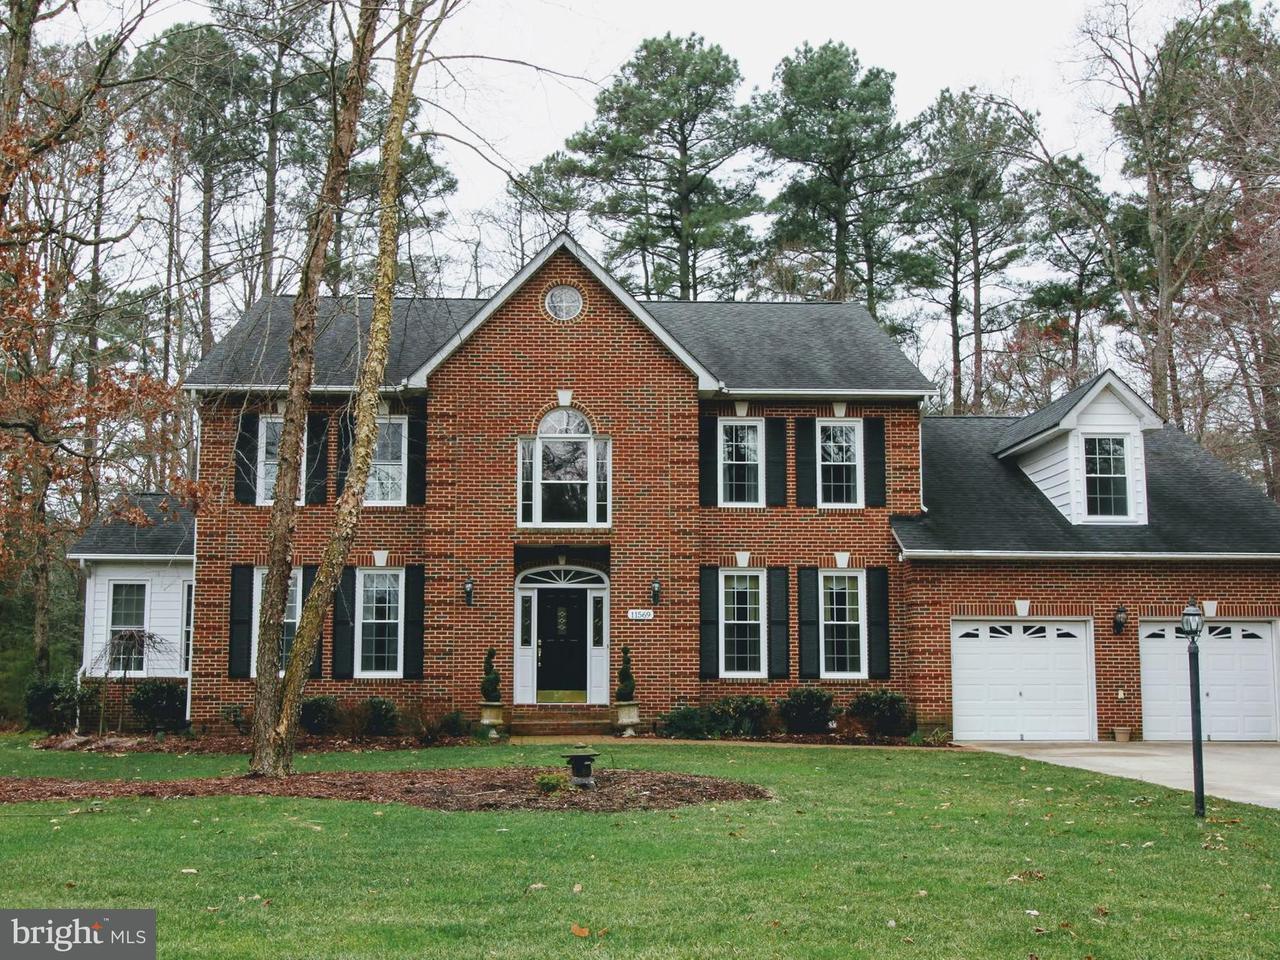 独户住宅 为 销售 在 11569 Beacon Hill Court 11569 Beacon Hill Court Swan Point, 马里兰州 20645 美国